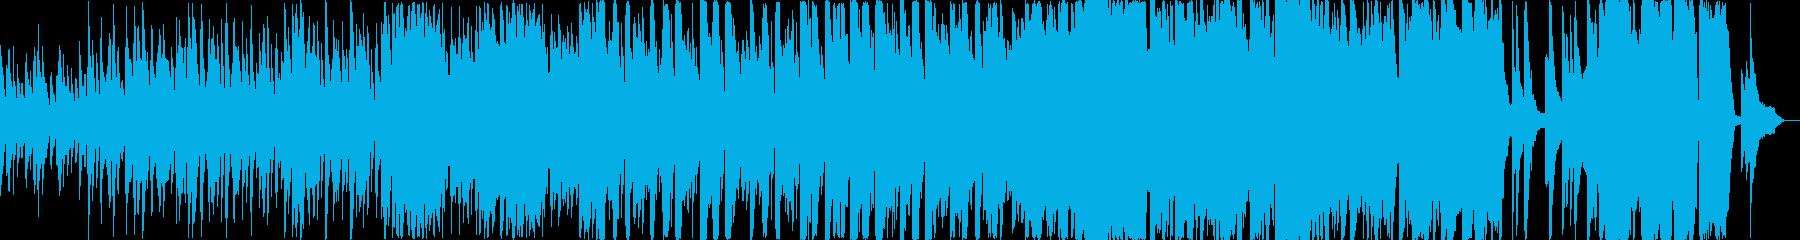 【ショート】起承転結のある温かいピアノオの再生済みの波形